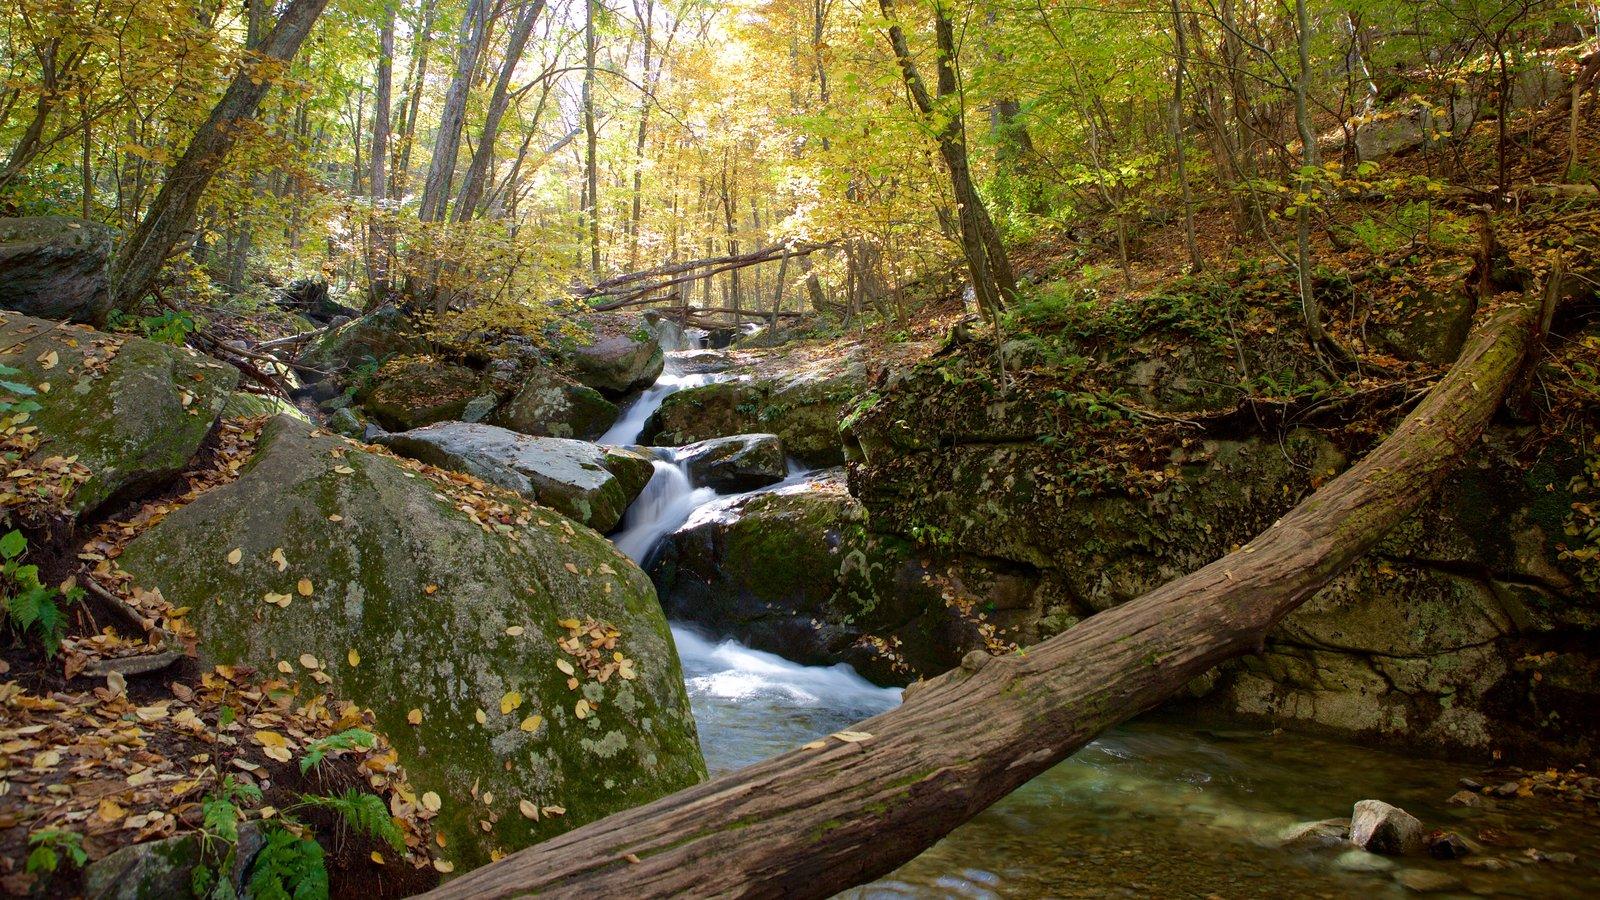 Parque Nacional Shenandoah ofreciendo hojas de otoño, escenas forestales y un río o arroyo